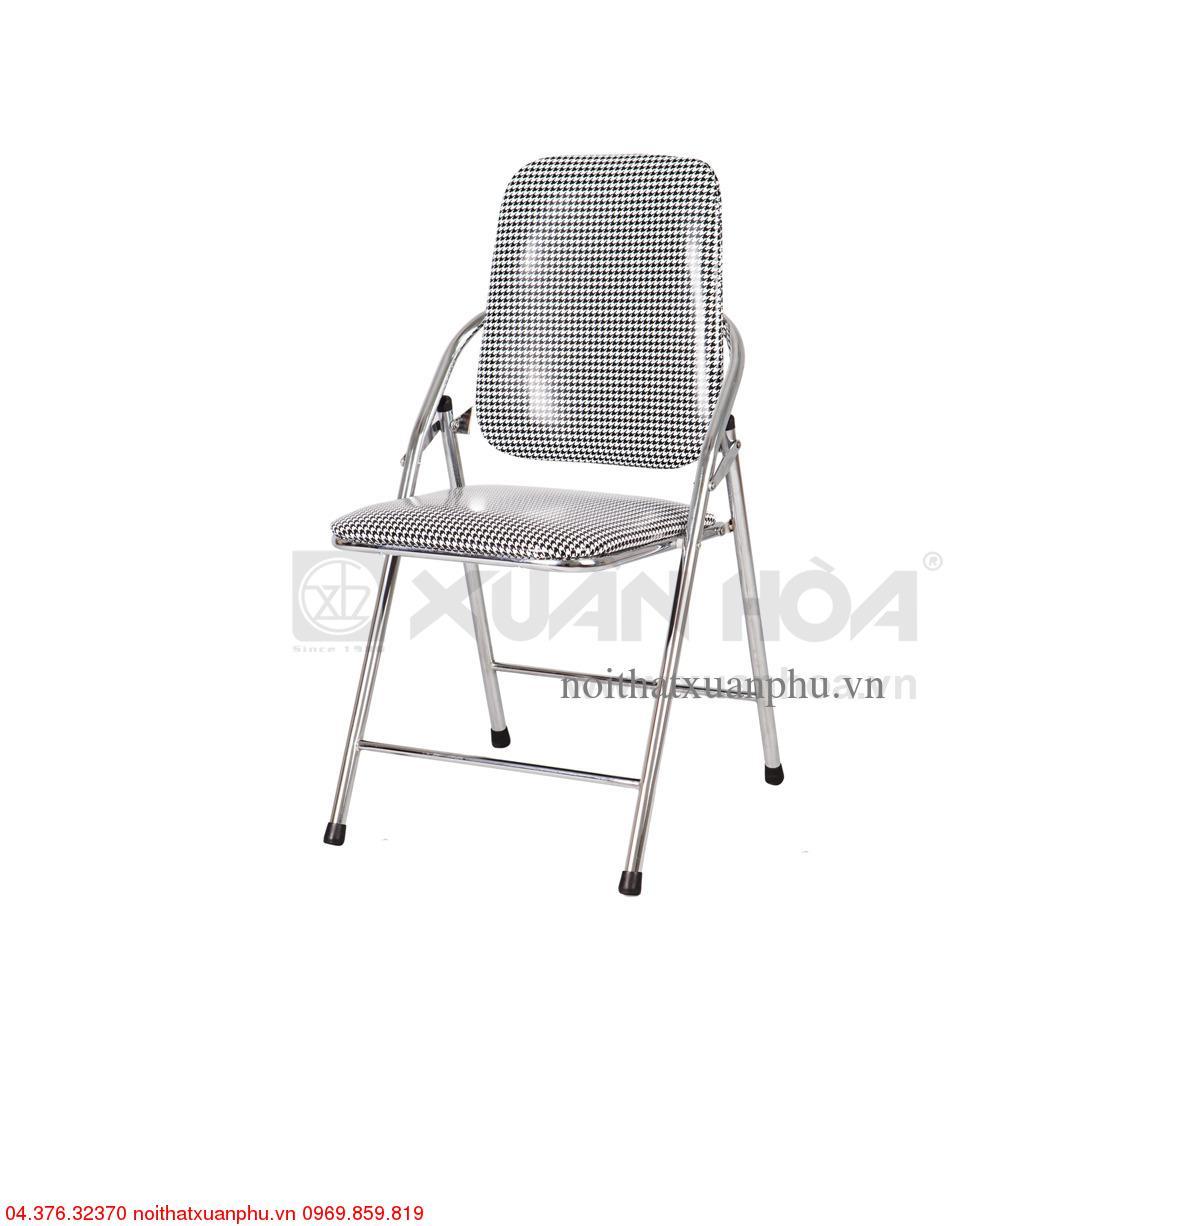 Hình ảnh sản phẩm Ghế gấp GS(M,I)-05-00